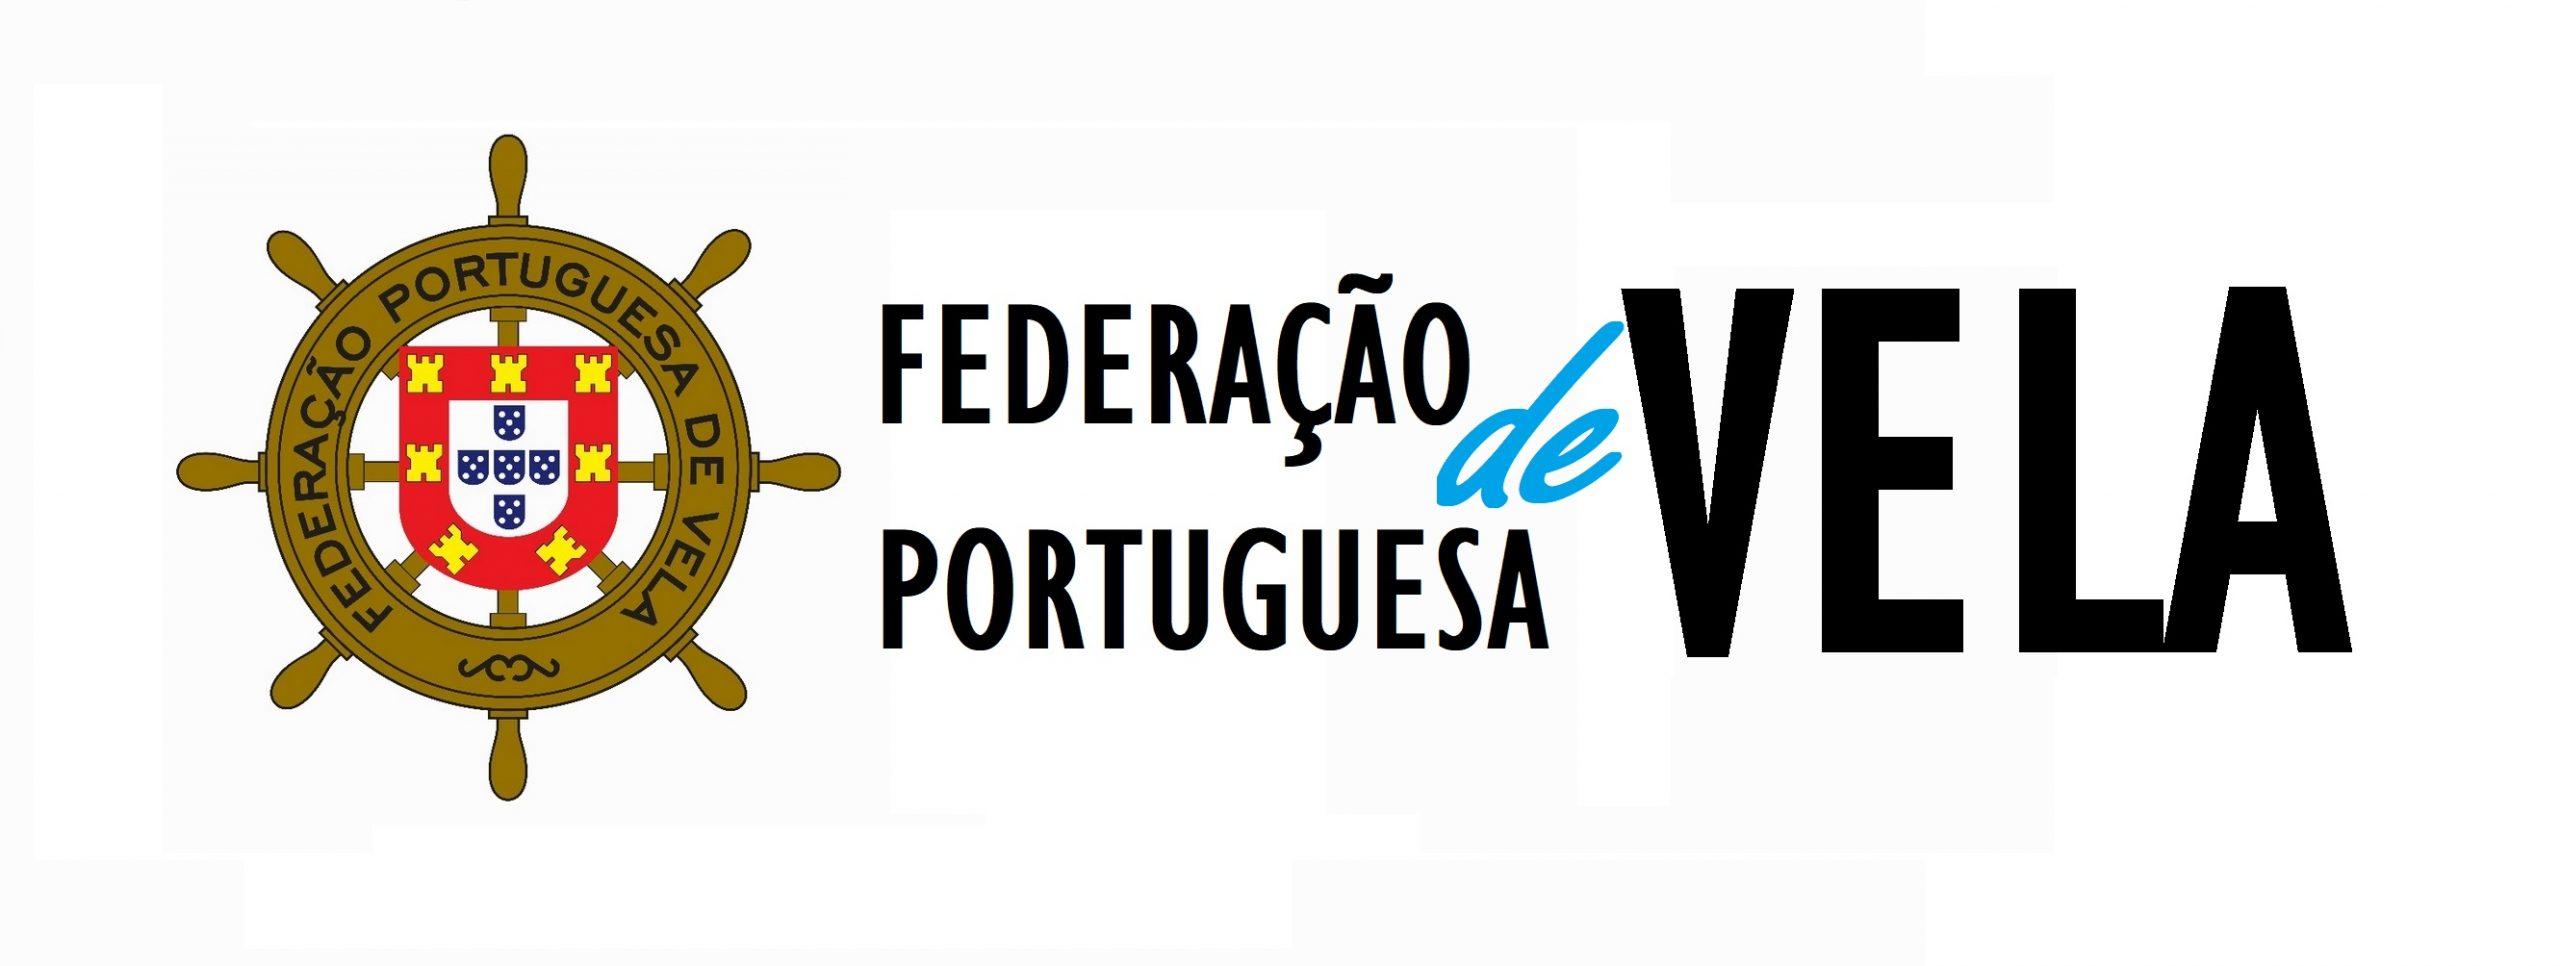 Logo da Federação Portuguesa de Vela